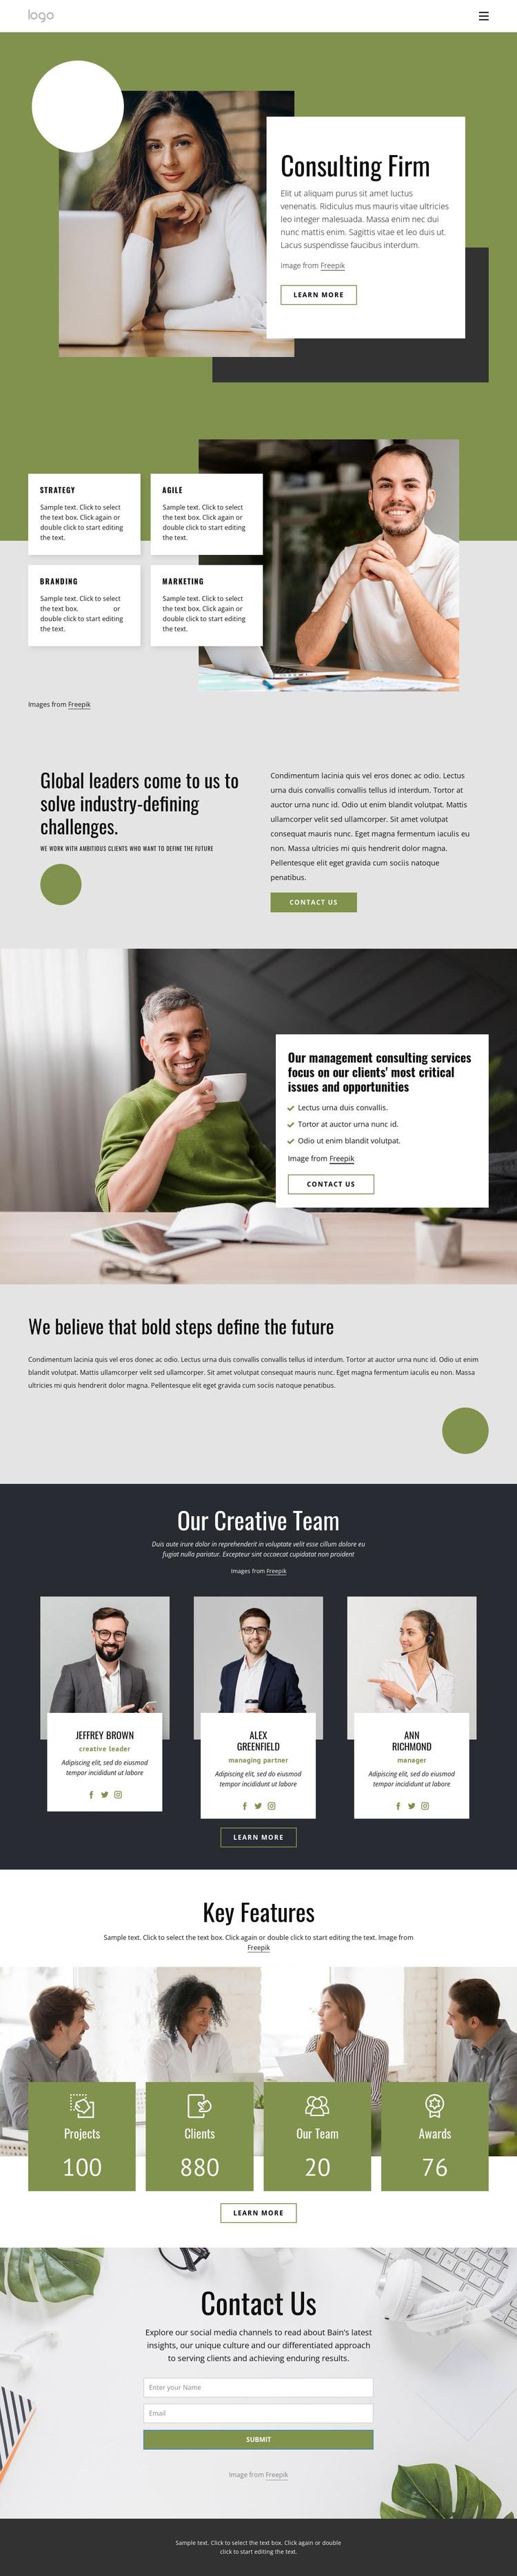 Start innovating Web Design